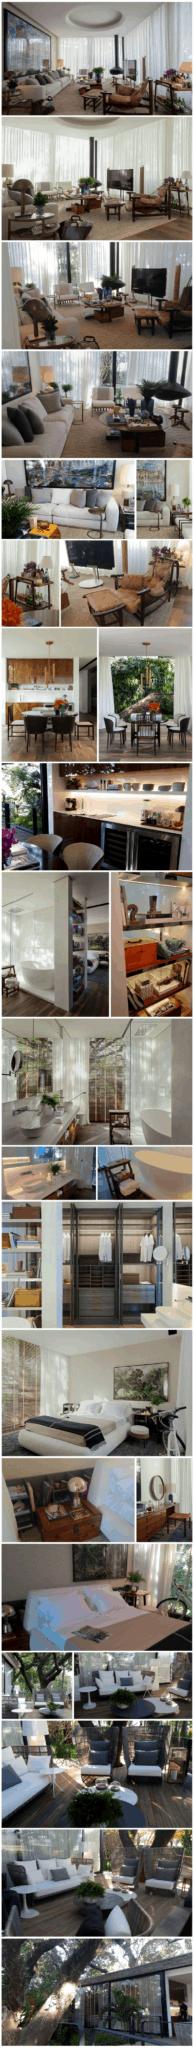 dado-castello-casa-flamboyant-casa-cor-decorar-com-charme-original